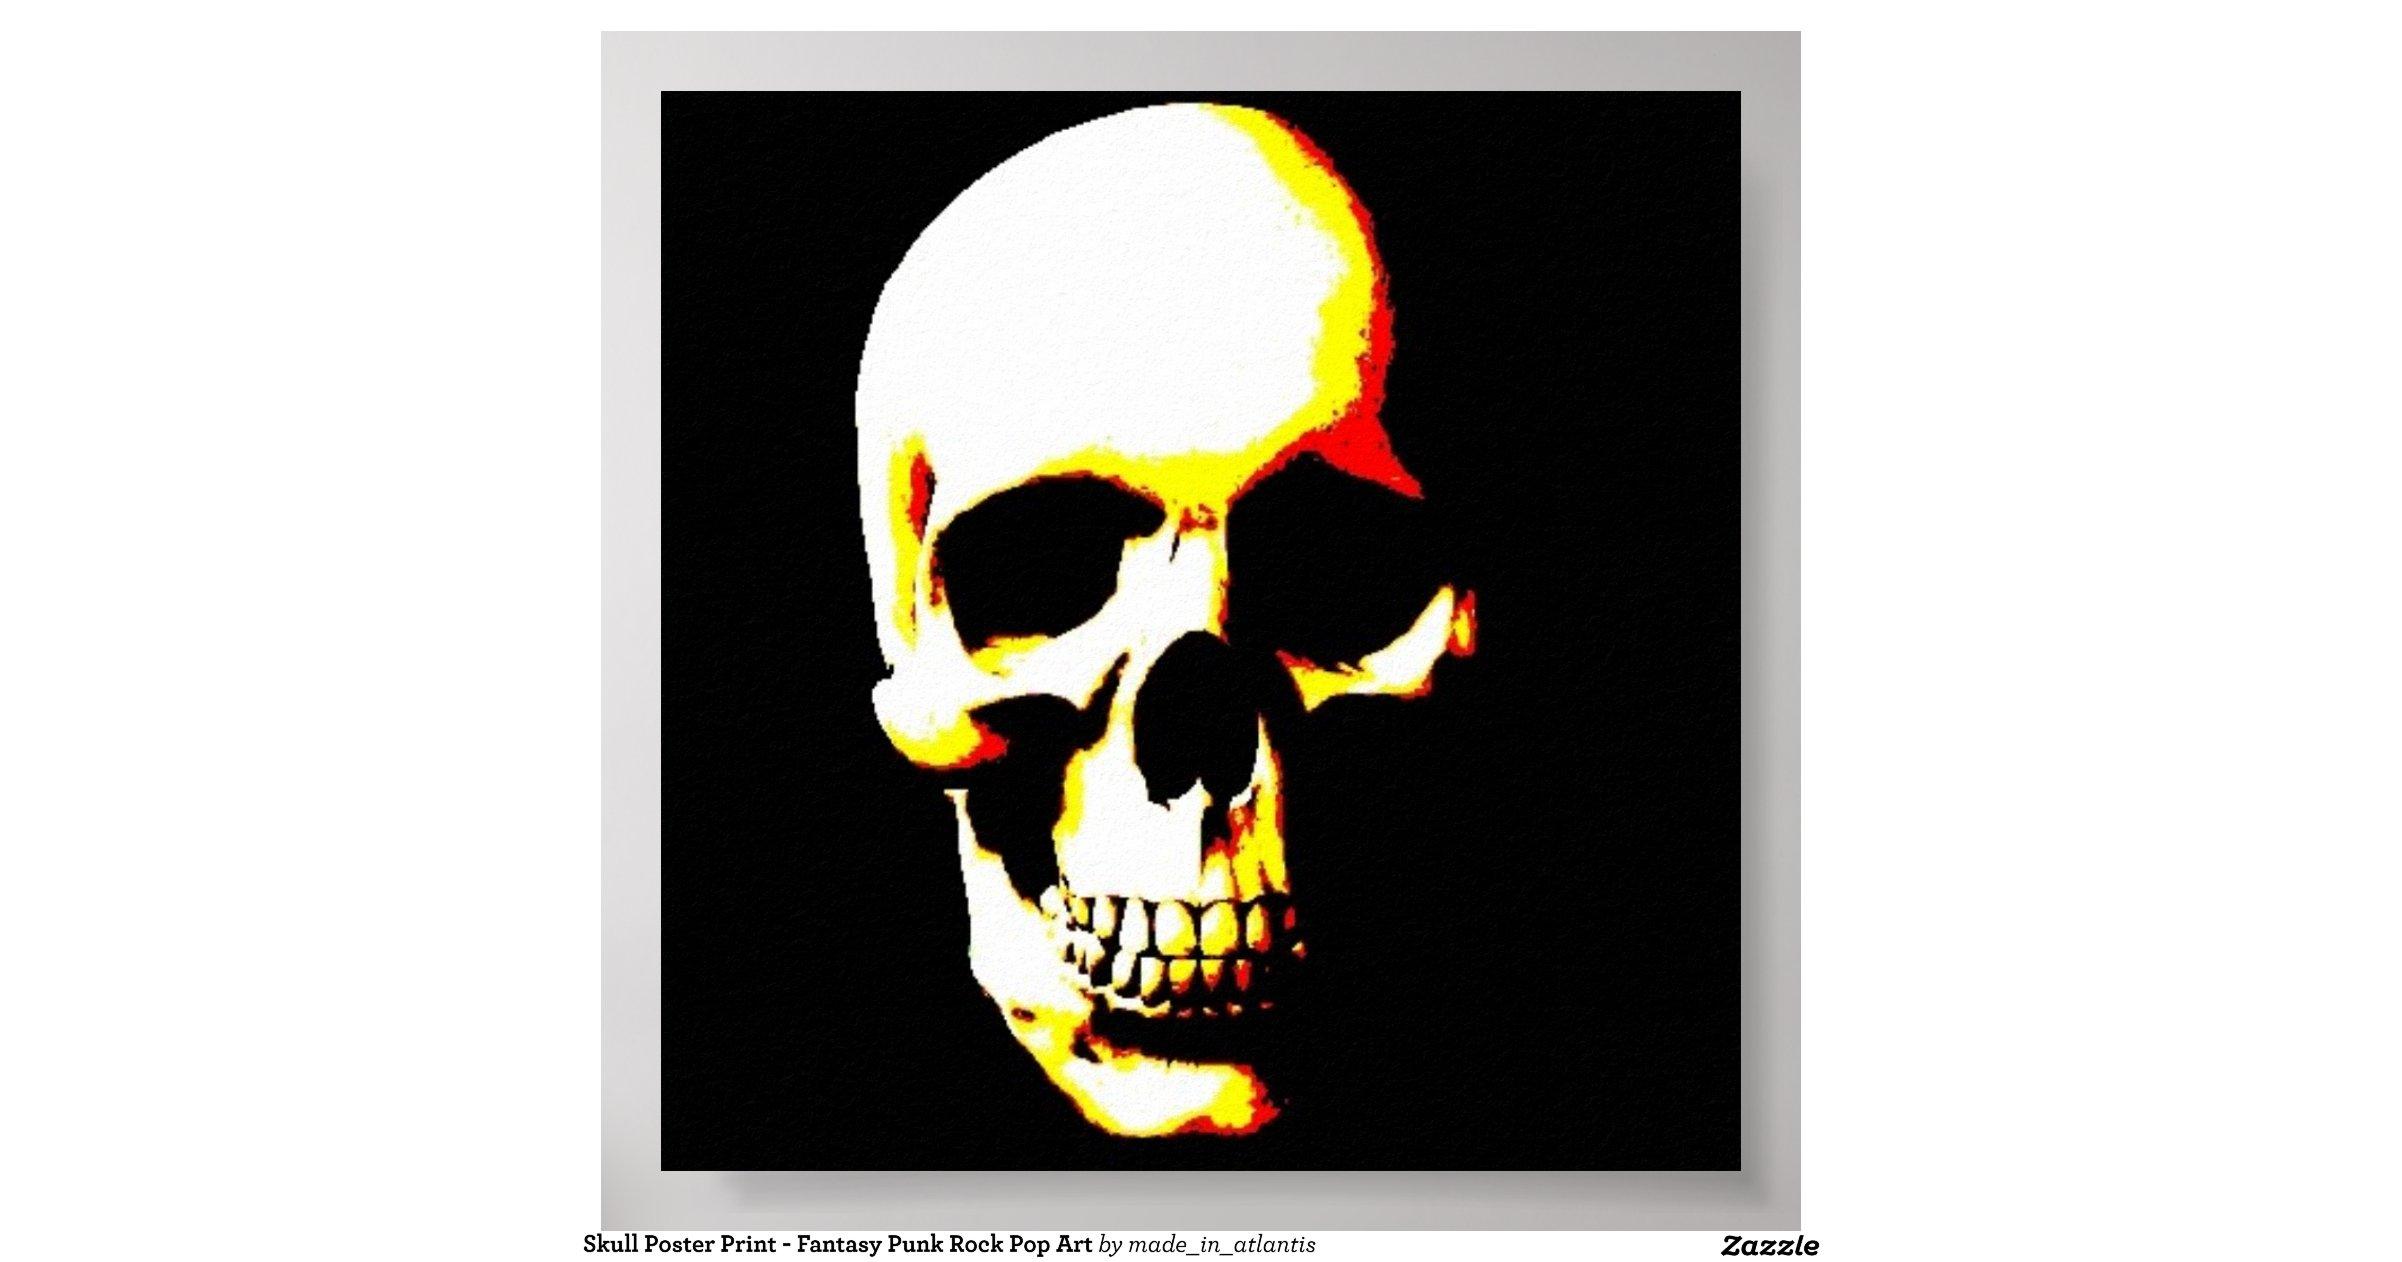 skull_poster_print_fantasy_punk_rock_pop_art ...